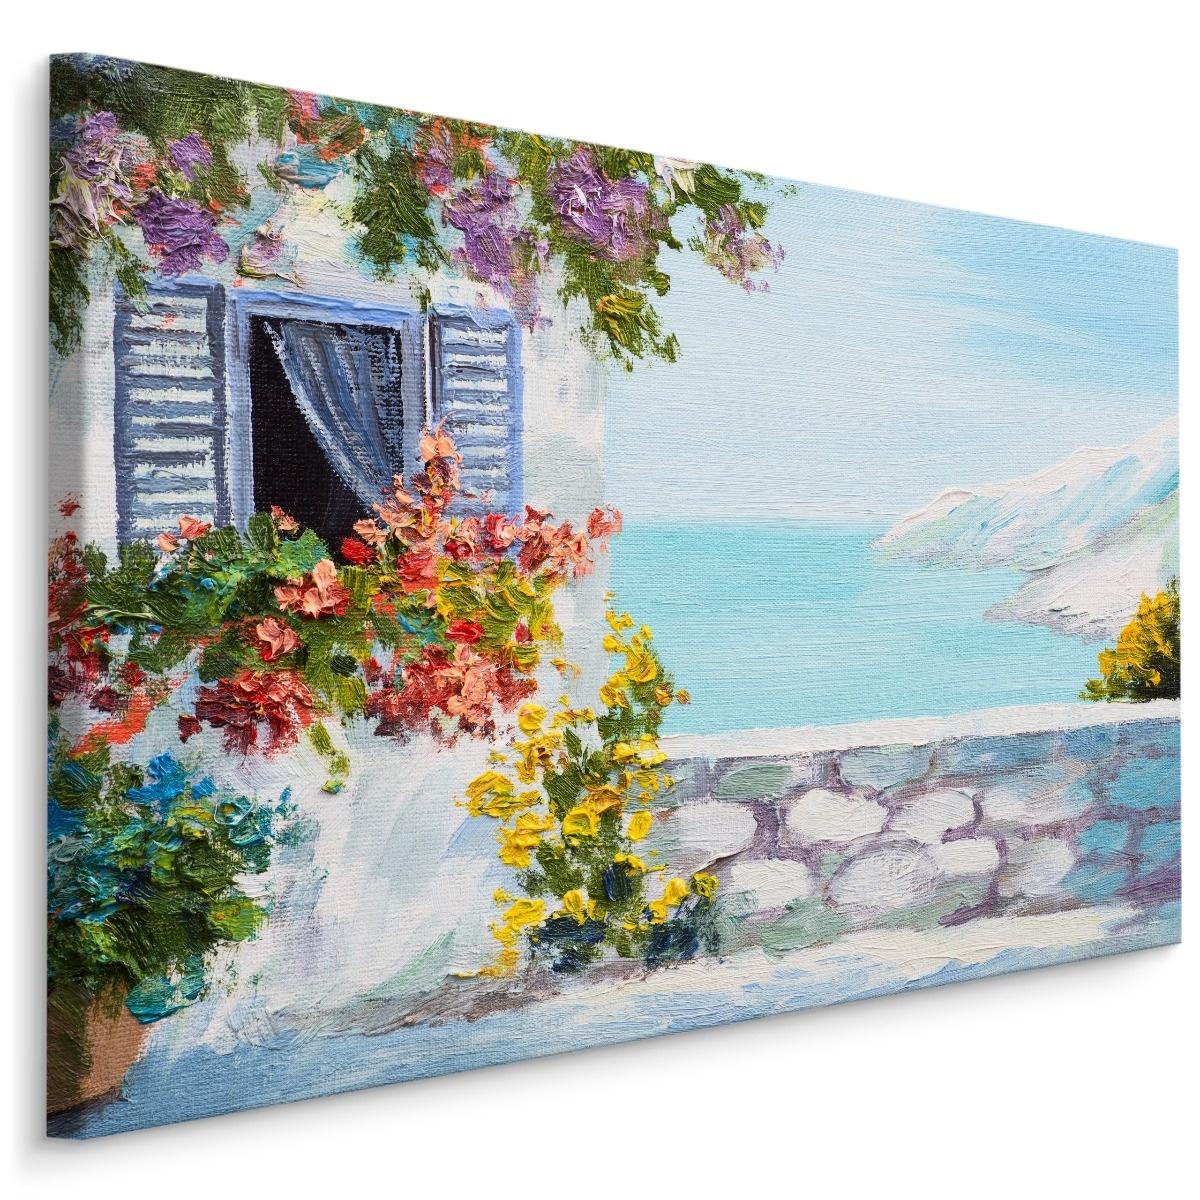 Schilderij - Grieks huis aan de zee (print op canvas), multi-gekleurd, wanddecoratie